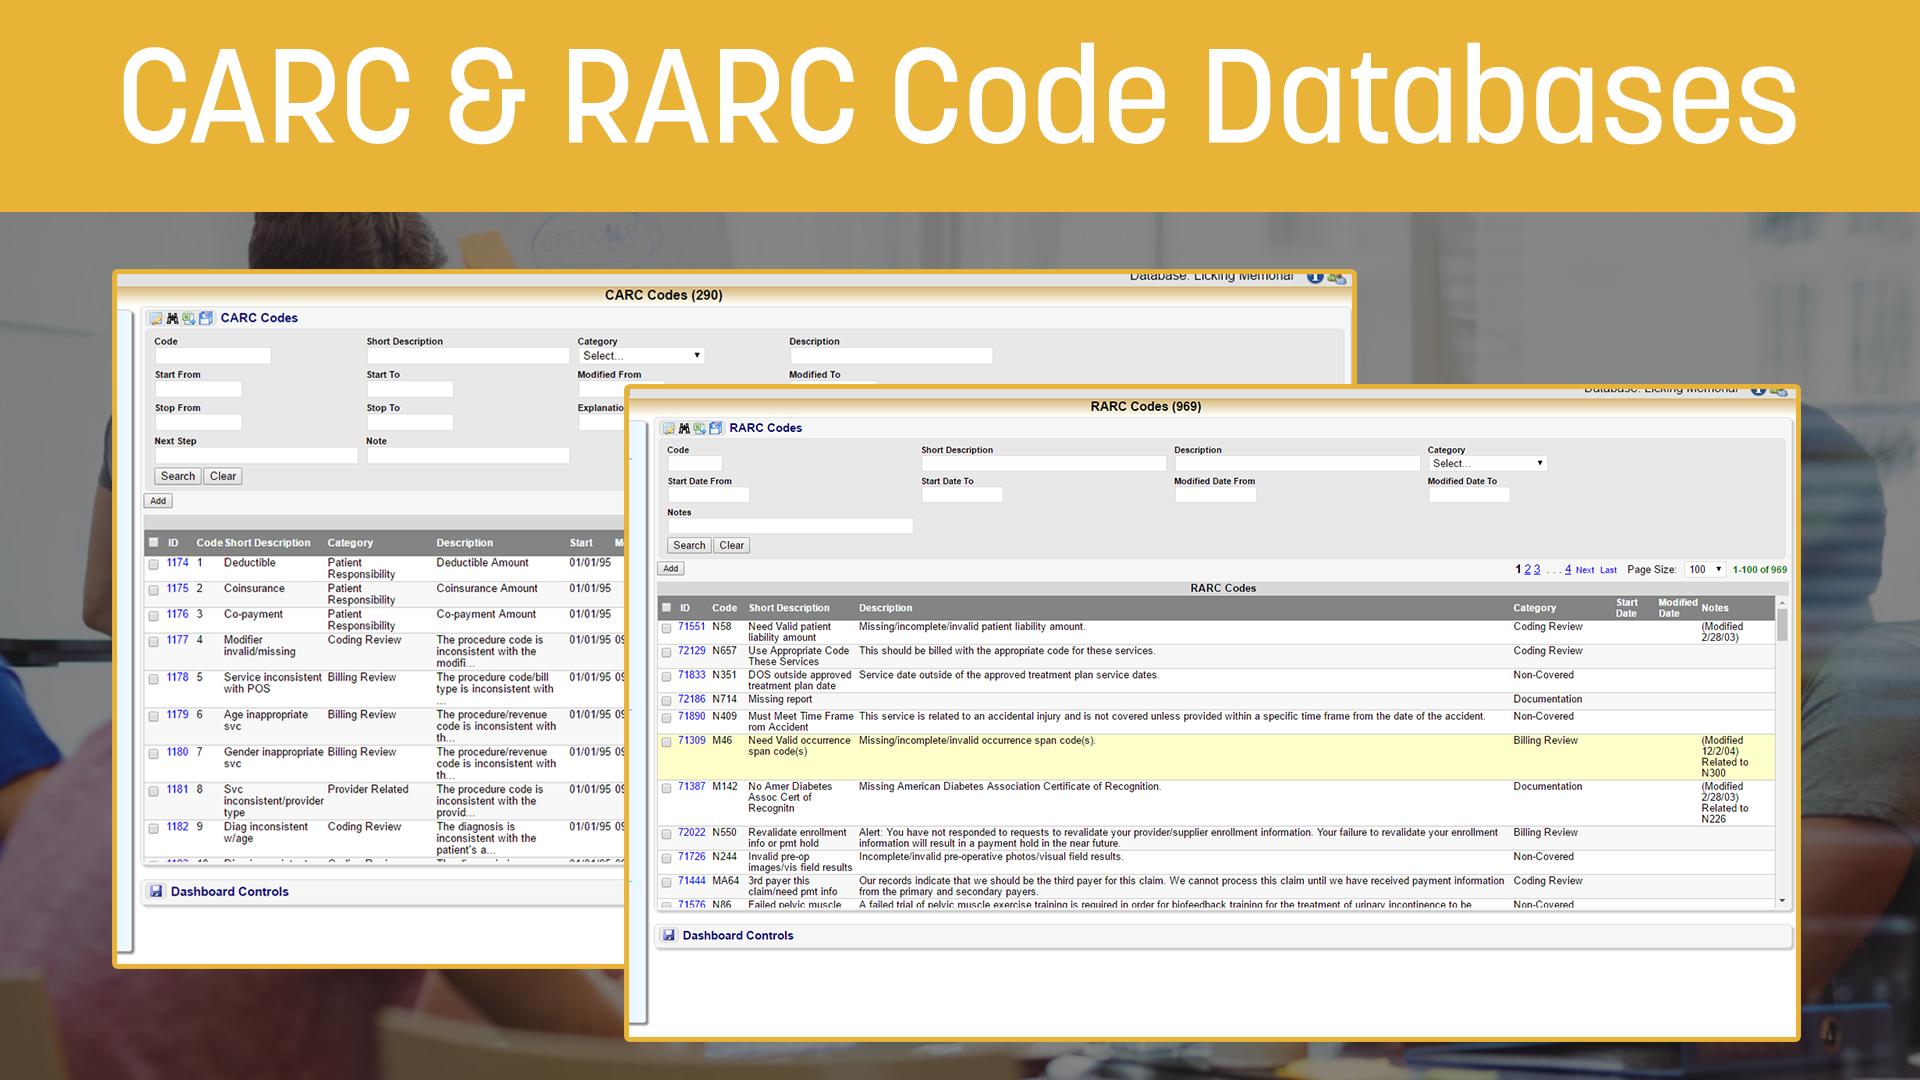 CARCandRARCCodeDatabases.png